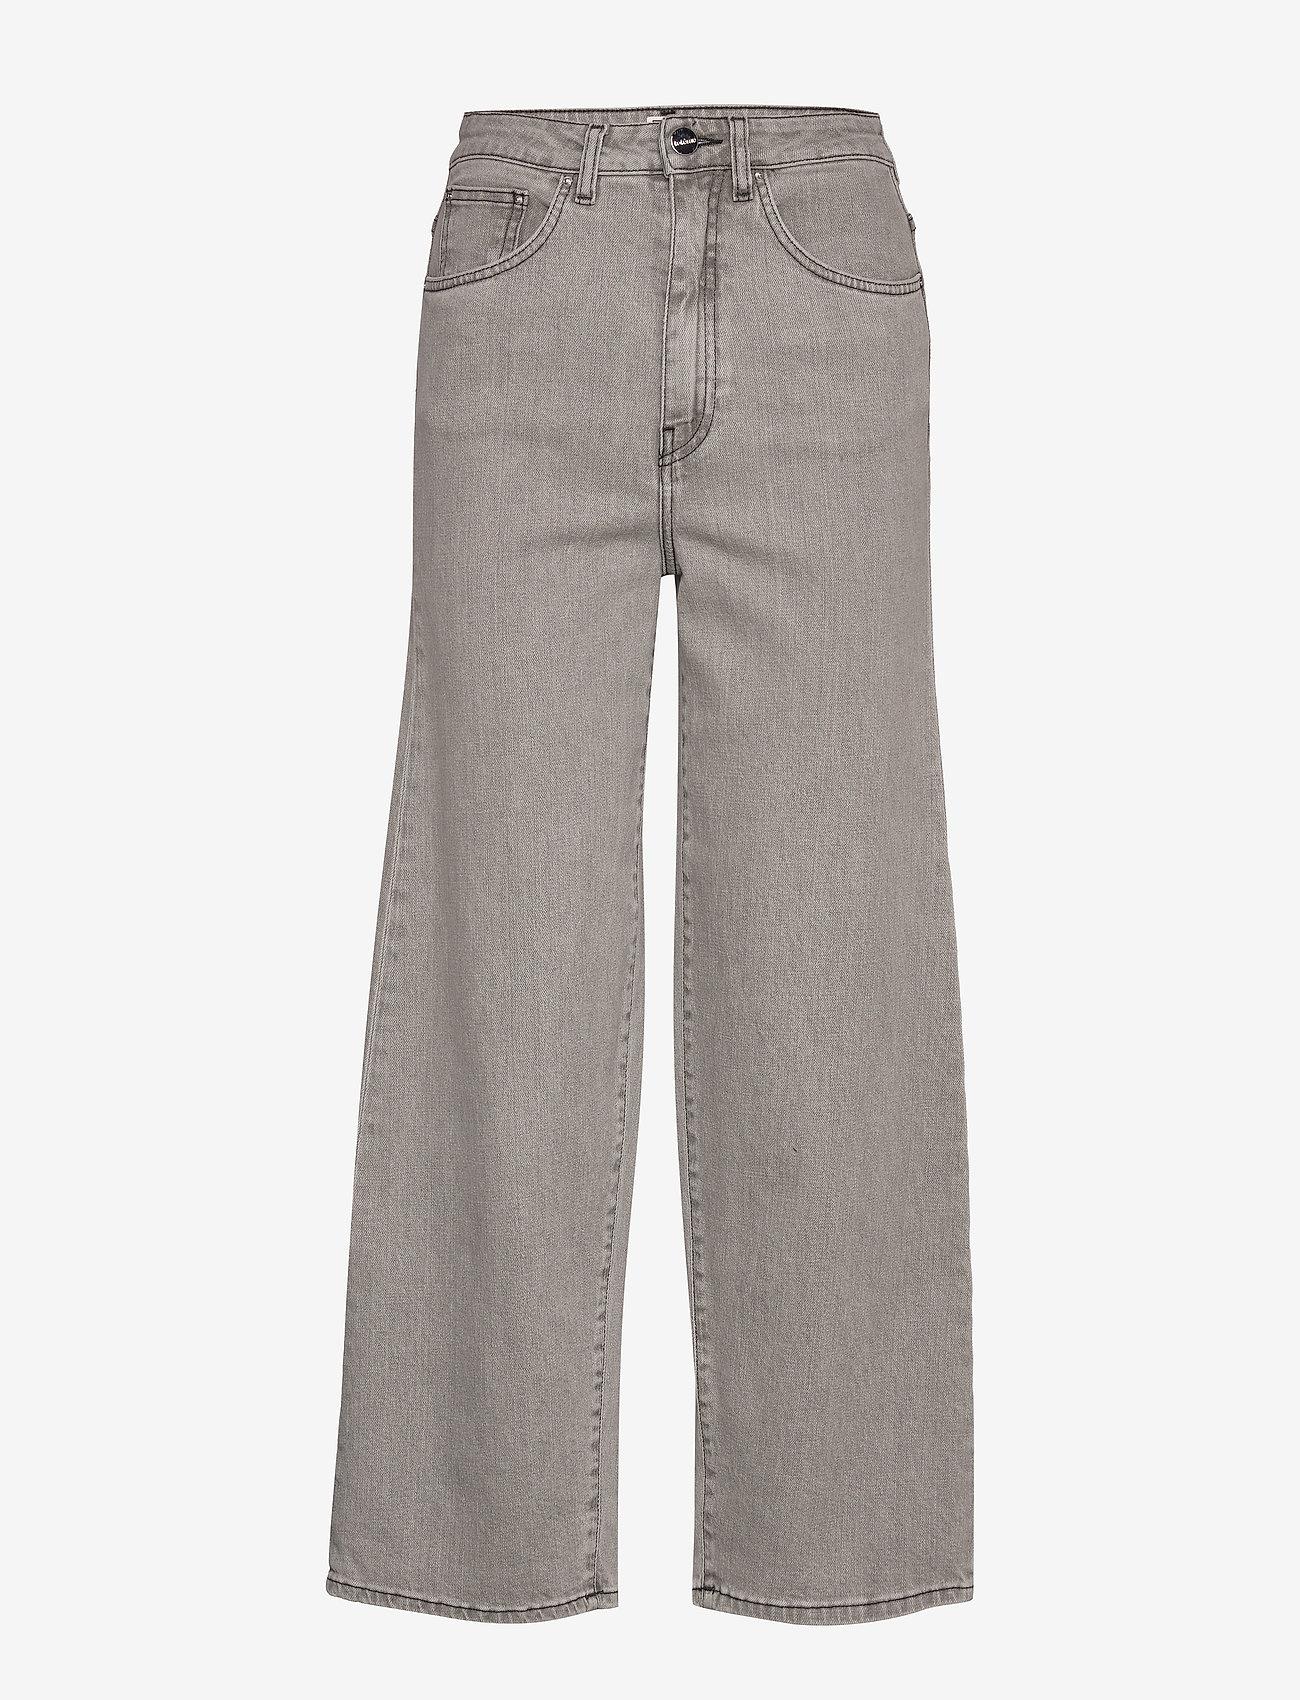 Totême - FLAIR DENIM - szerokie dżinsy - light grey wash 301 - 0